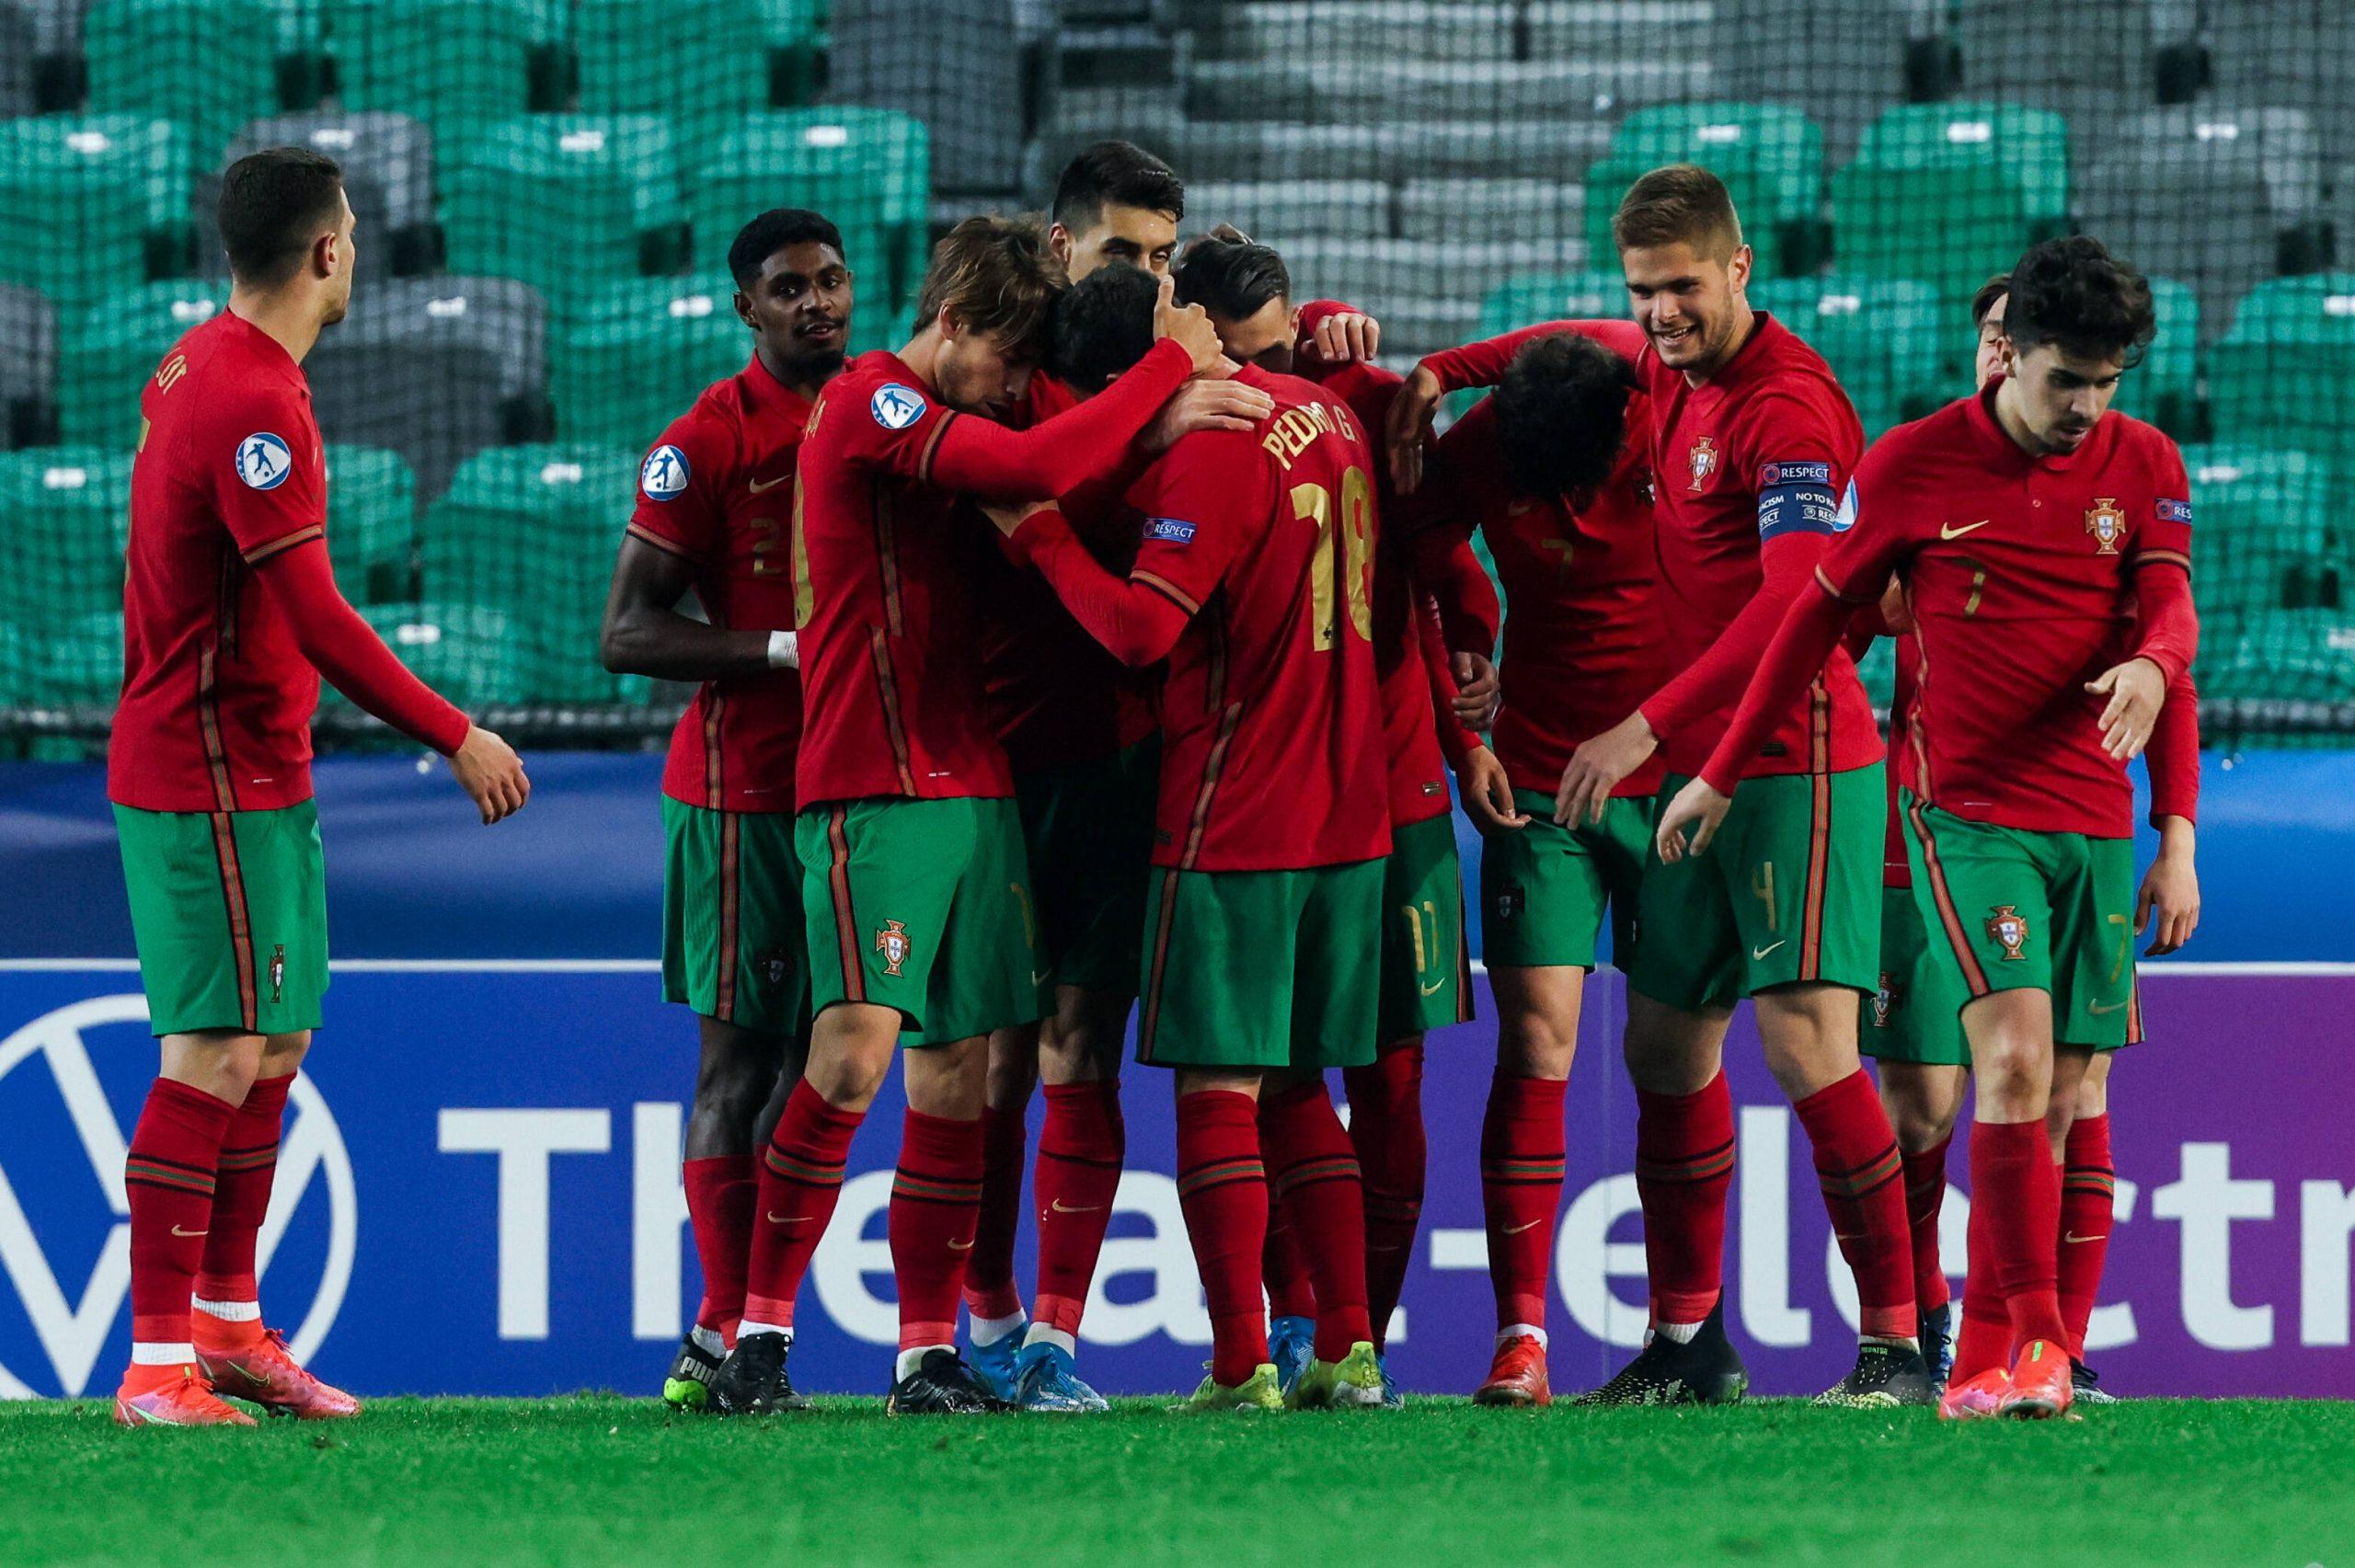 L'équipe du Portugal Espoirs pendant la phase de groupe